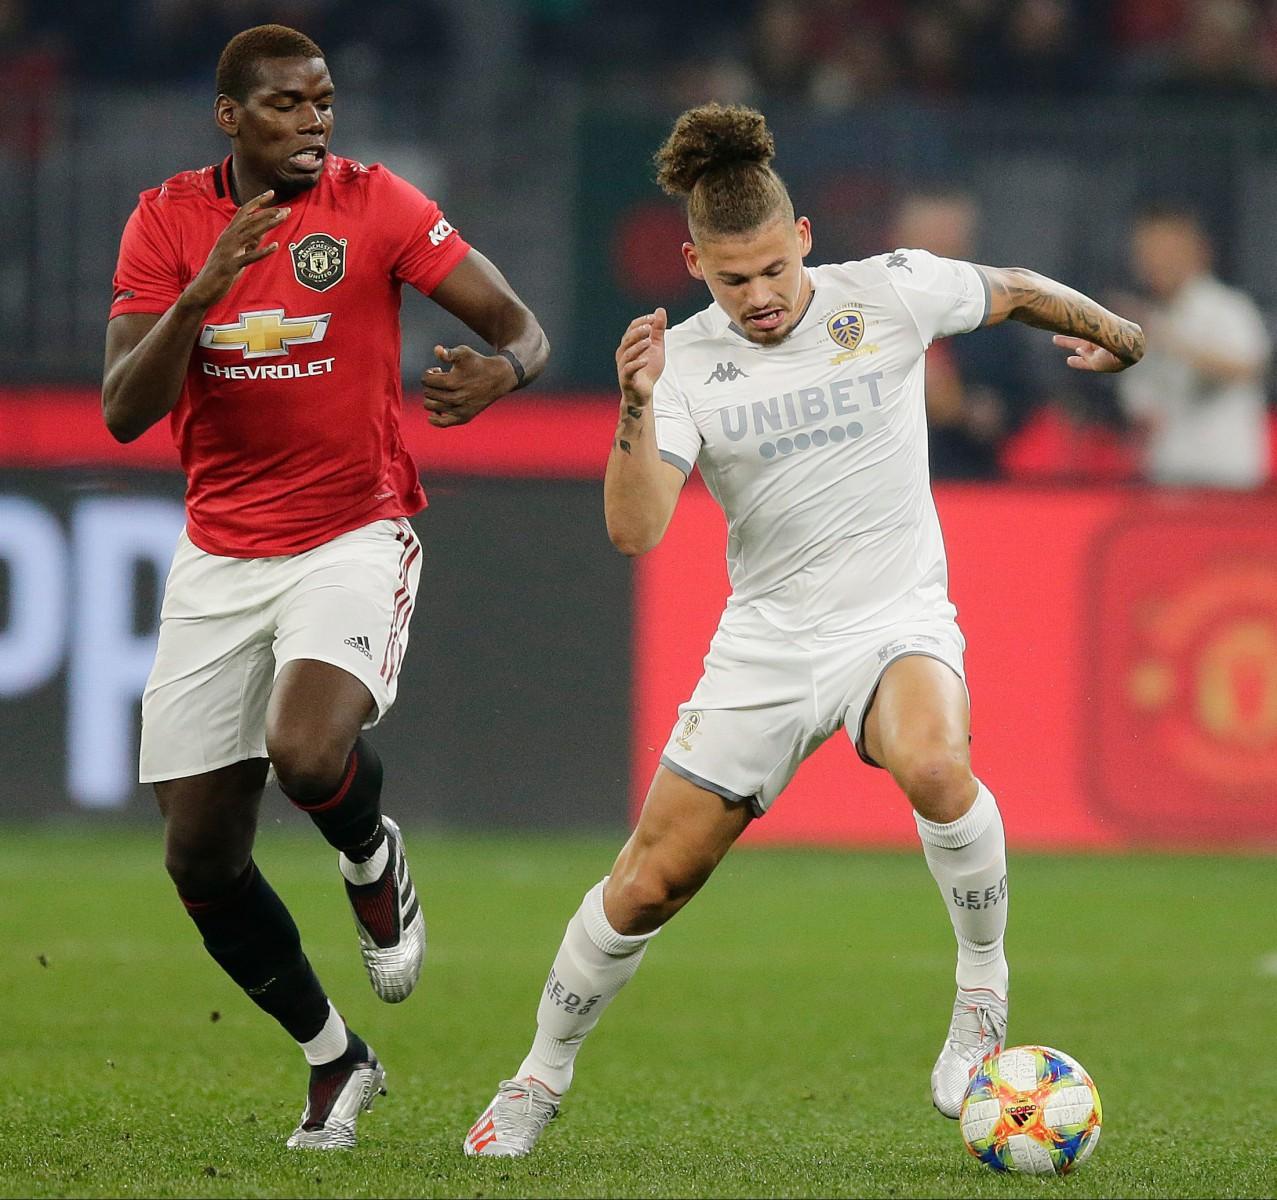 Defensive midfielder Phillips has attracted the interest of Man Utd